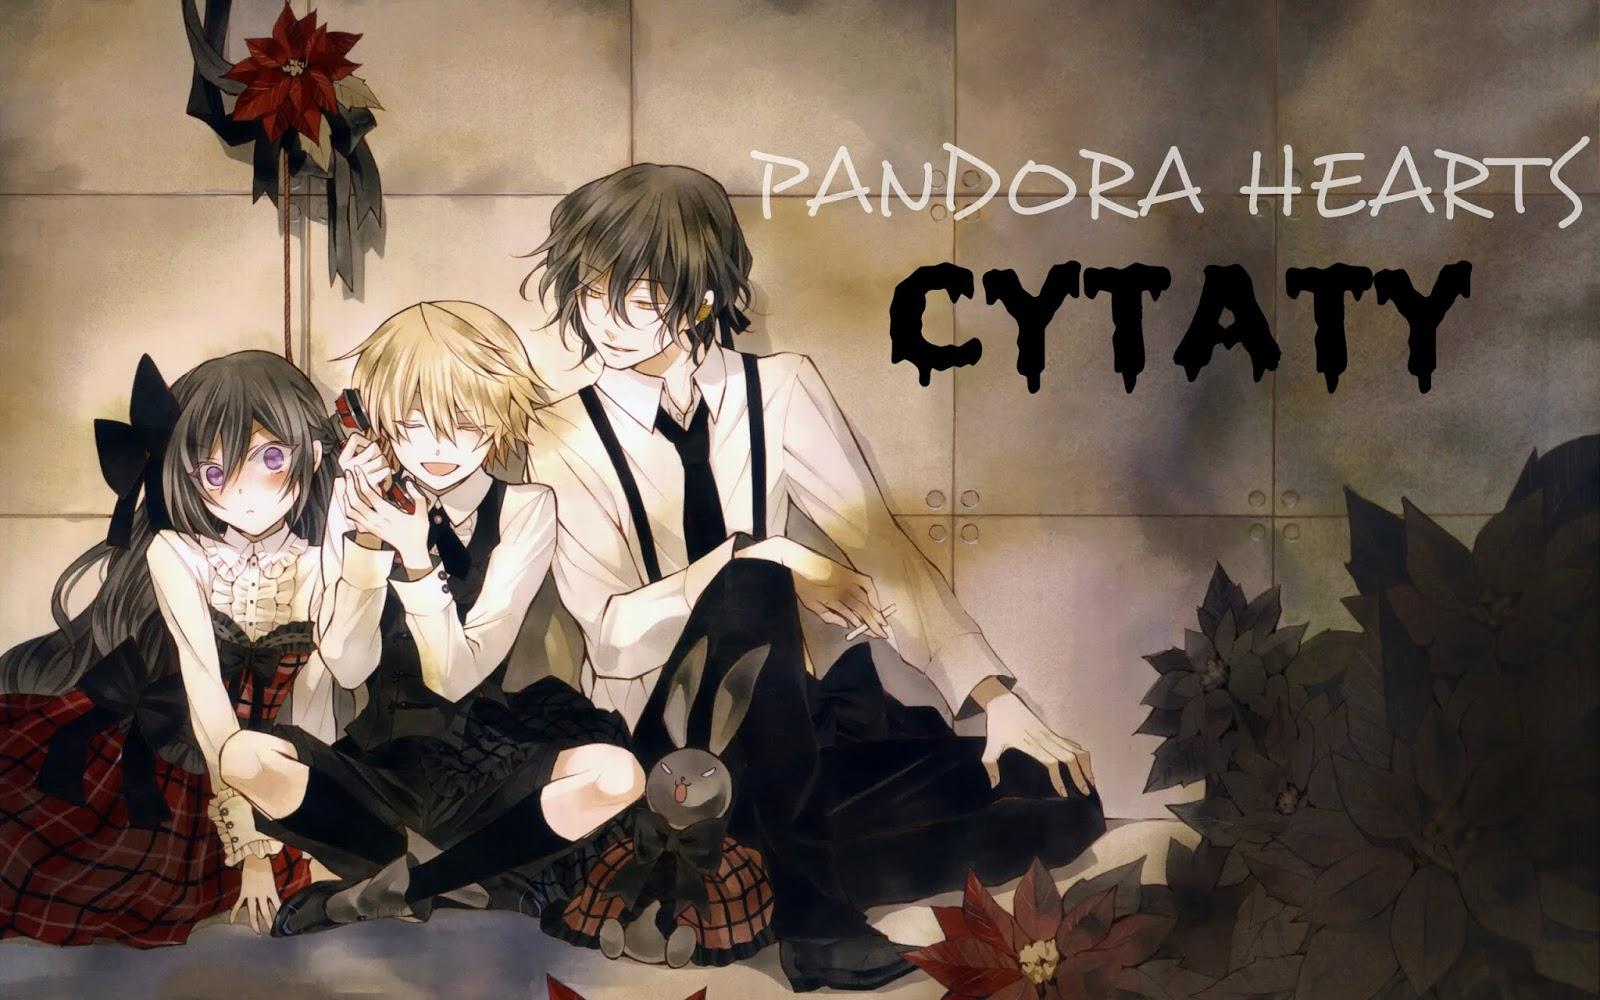 Anime I Manga Czyli Coś Co Uwielbiam Cytaty Z Pandora Hearts